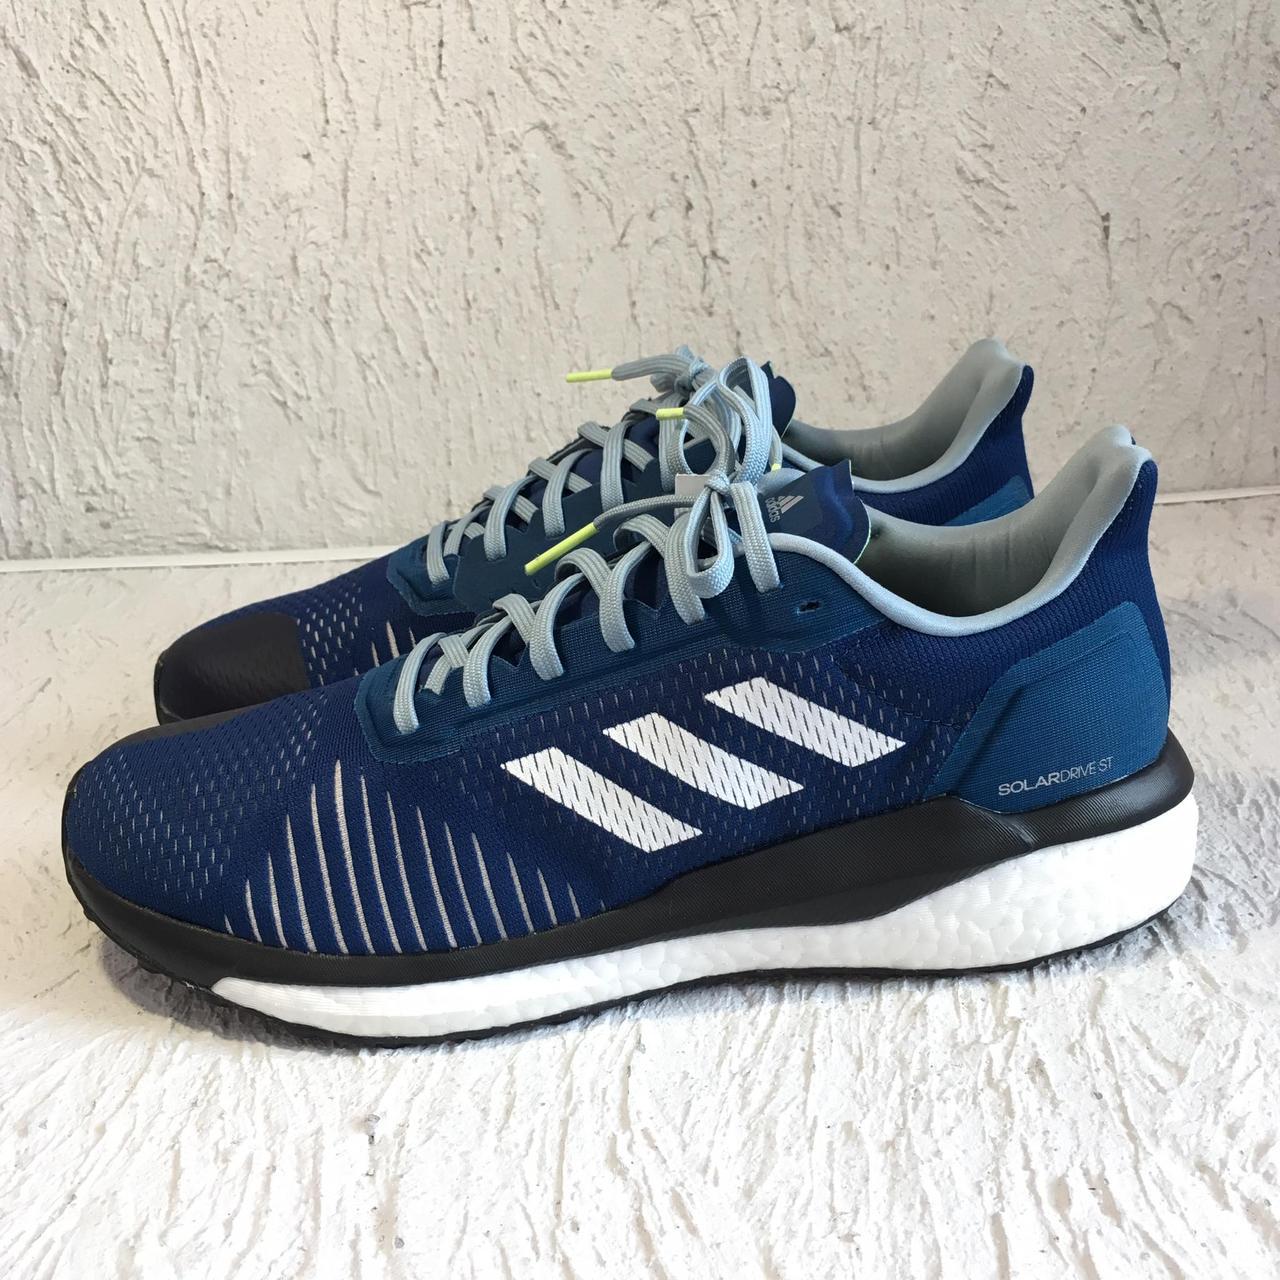 Кроссовки для бега Adidas Solardrive ST D97453 44 2/3 размер